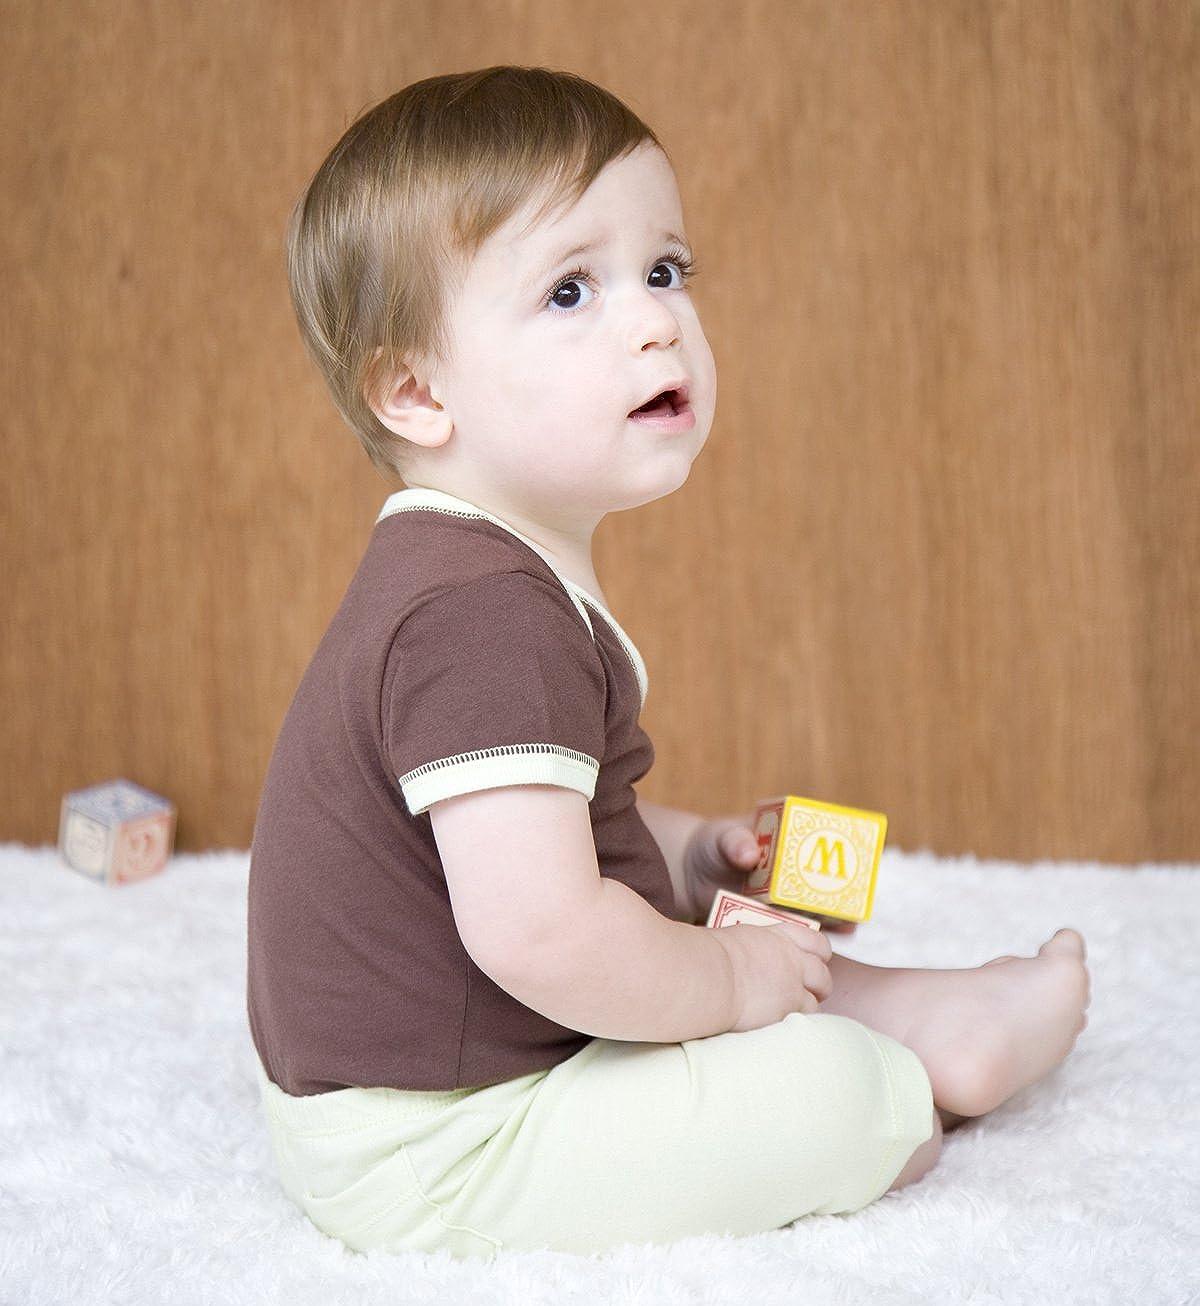 Babysoy Comfy Basic Play Wear Shorts